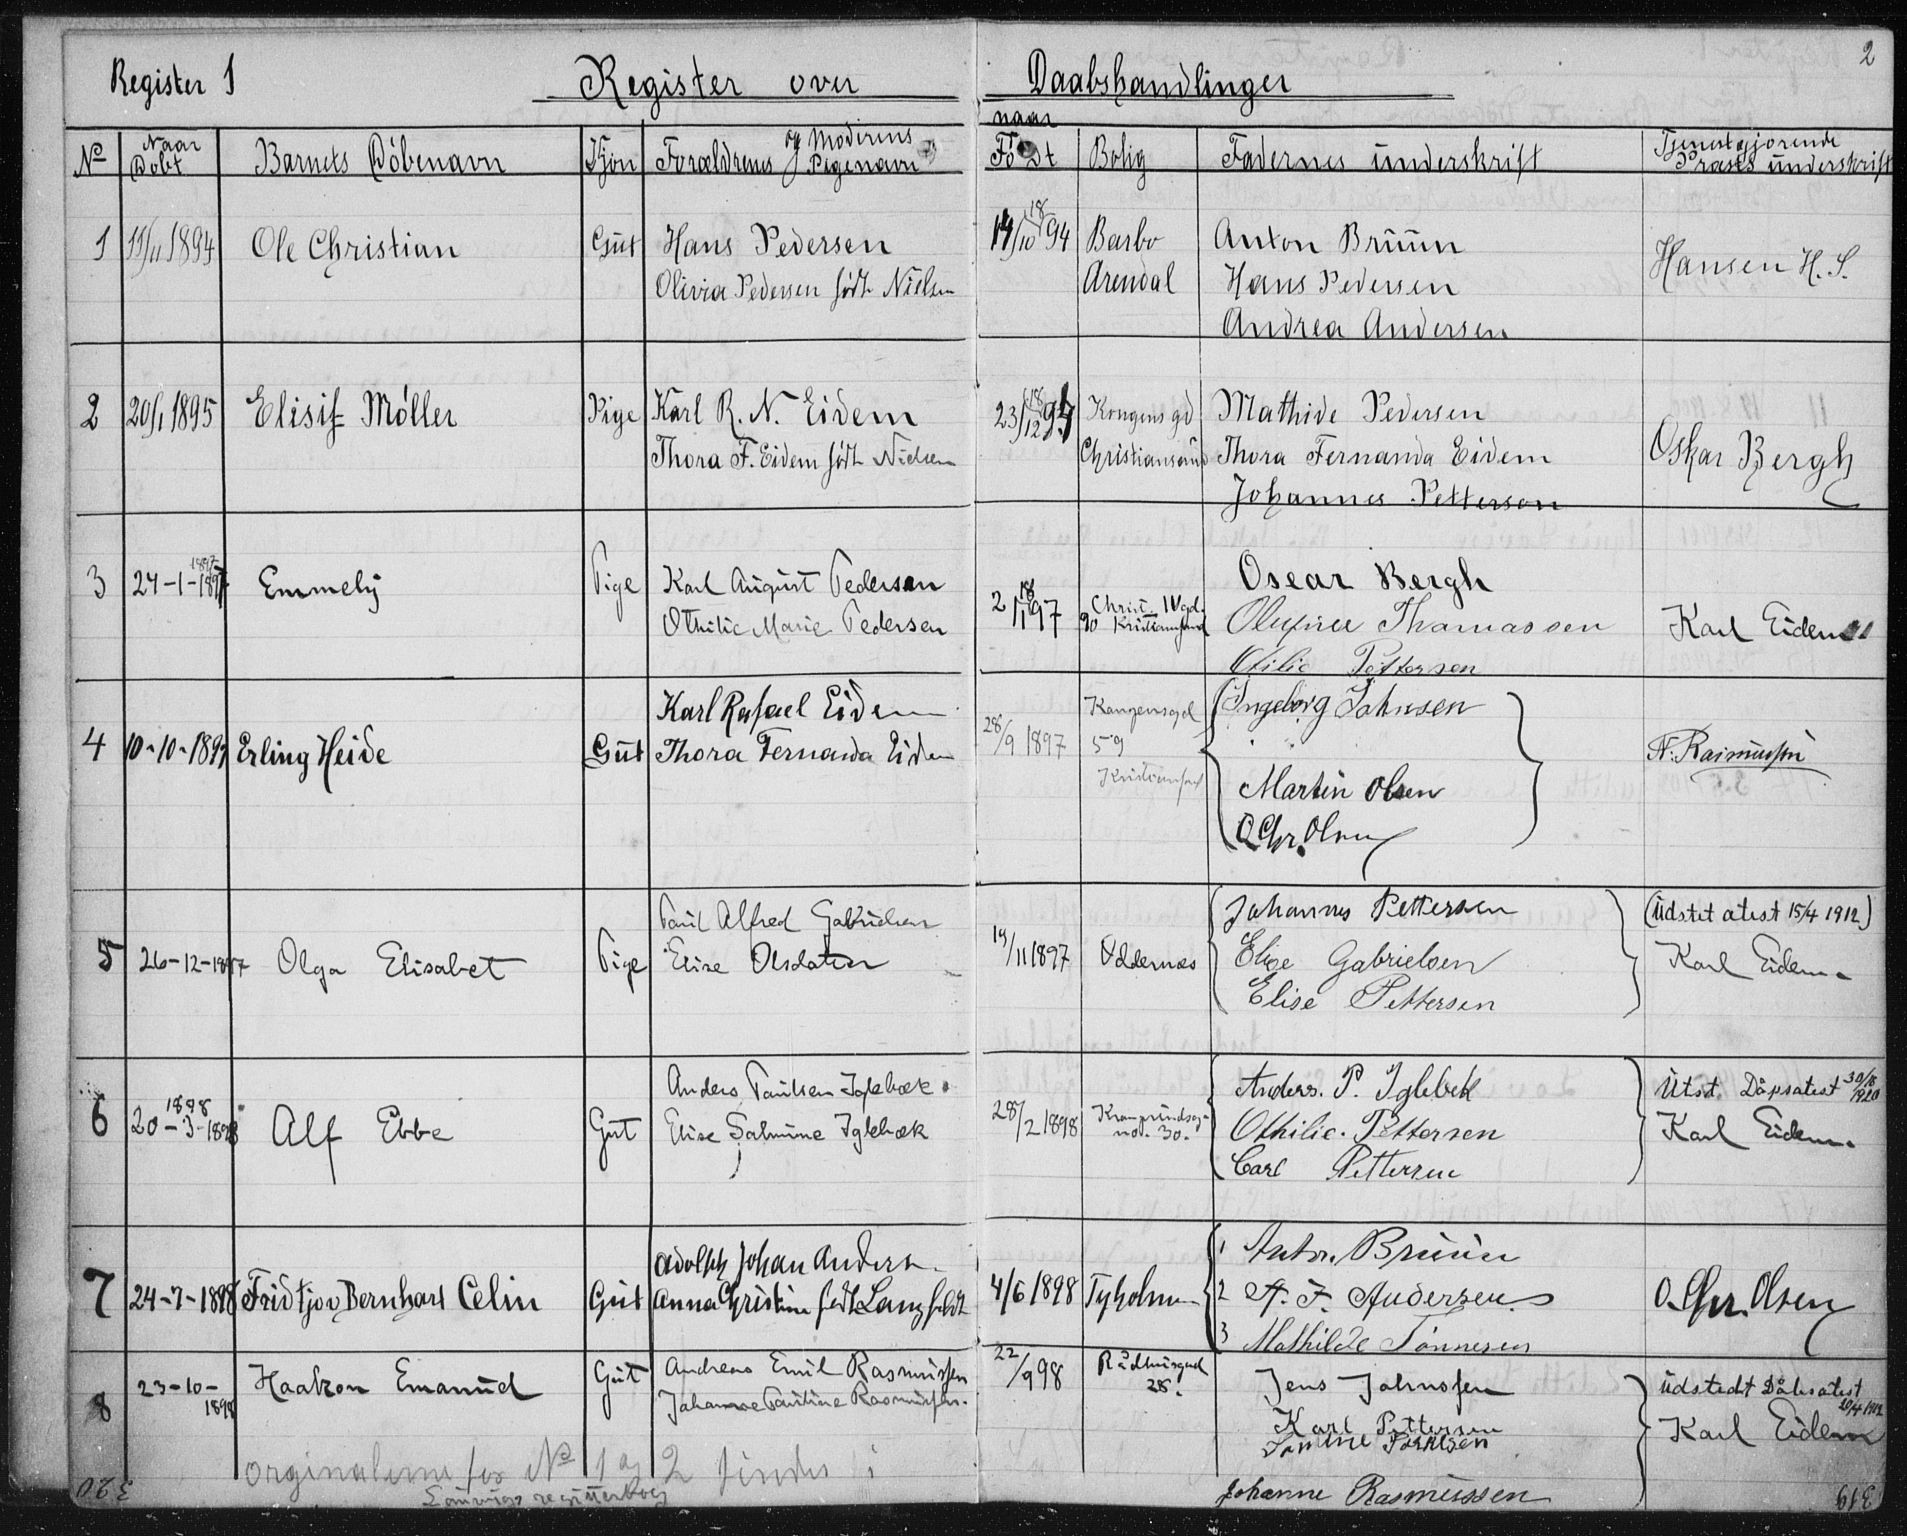 SAK, Den katolsk-apostoliske menighet, Kristiansand, F/Fa/L0001: Dissenterprotokoll nr. 1, 1894-1939, s. 1-2